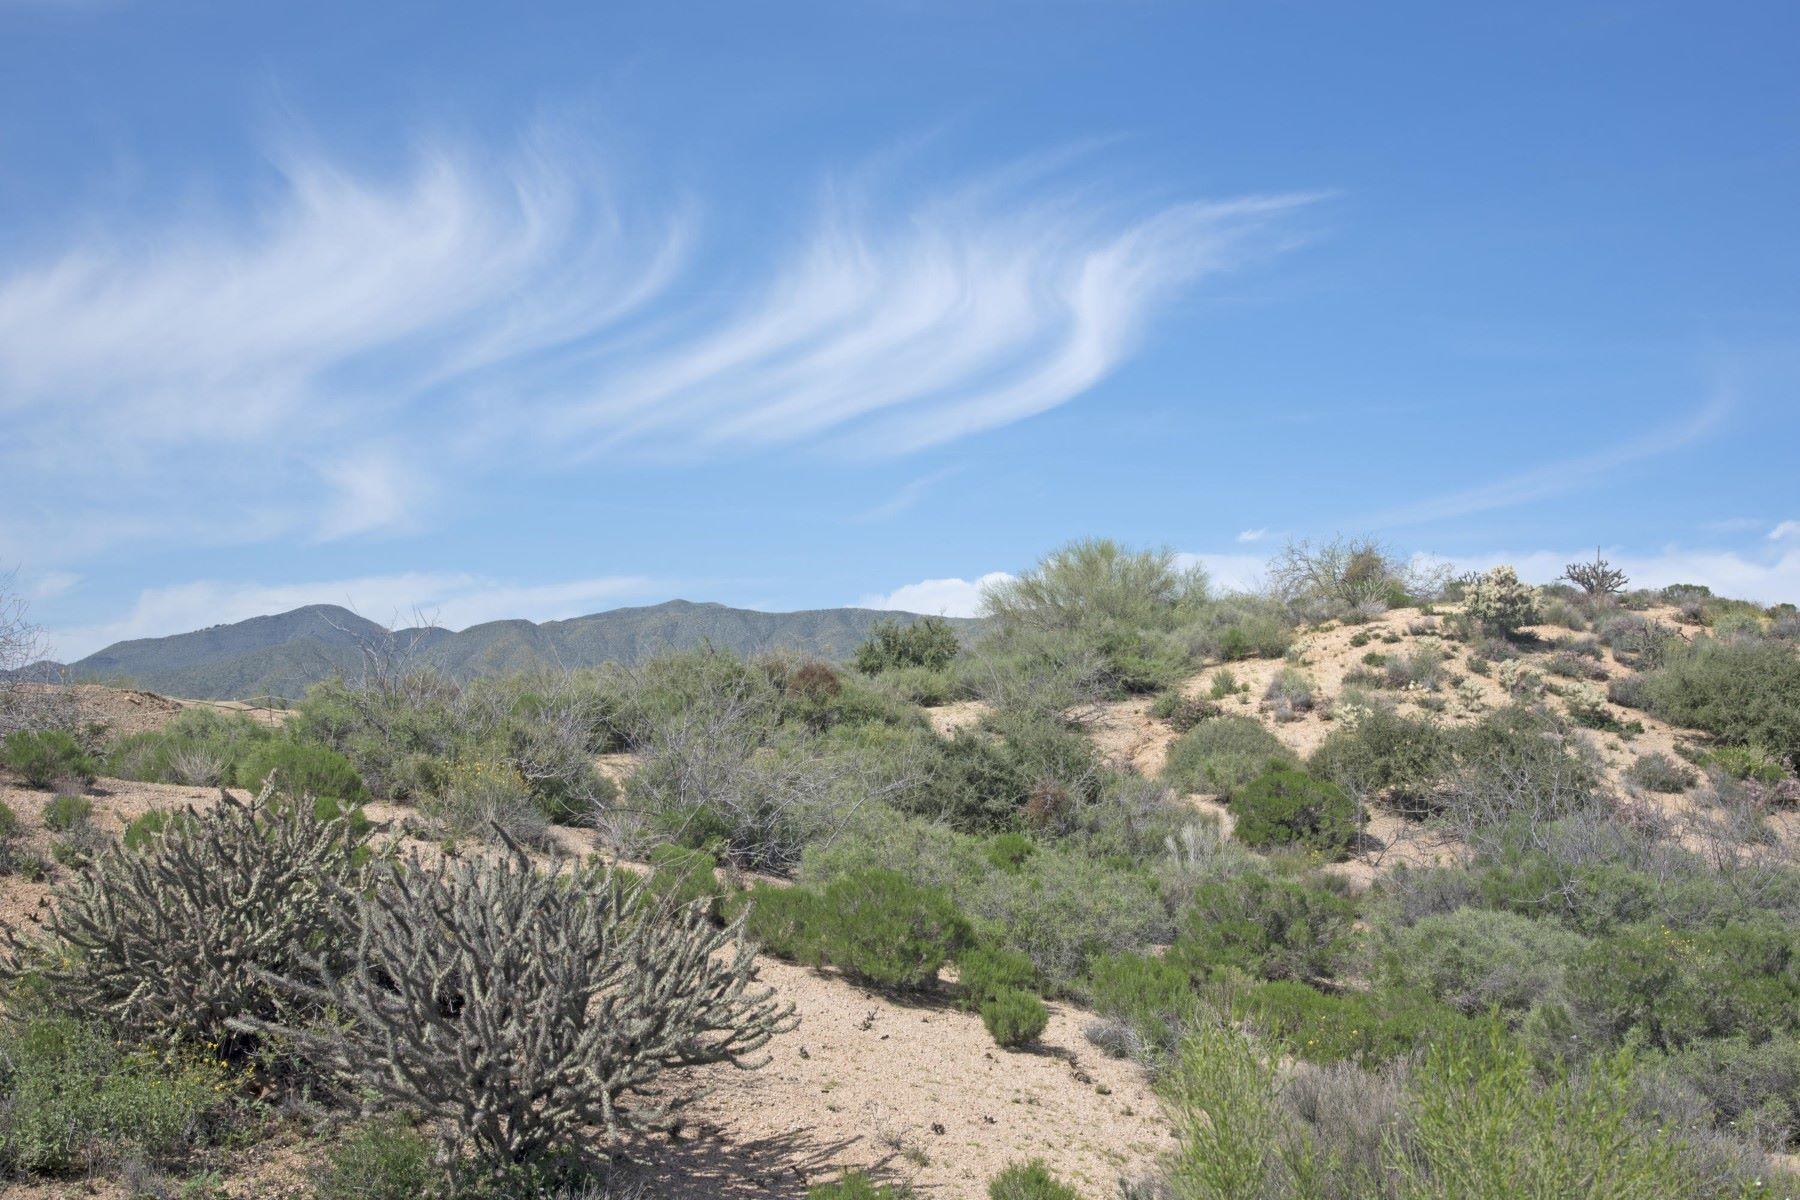 Terrain pour l Vente à Prestigious Hillside lot with abundance of views 10954 E Santa Fe Trl #19 Scottsdale, Arizona, 85262 États-Unis